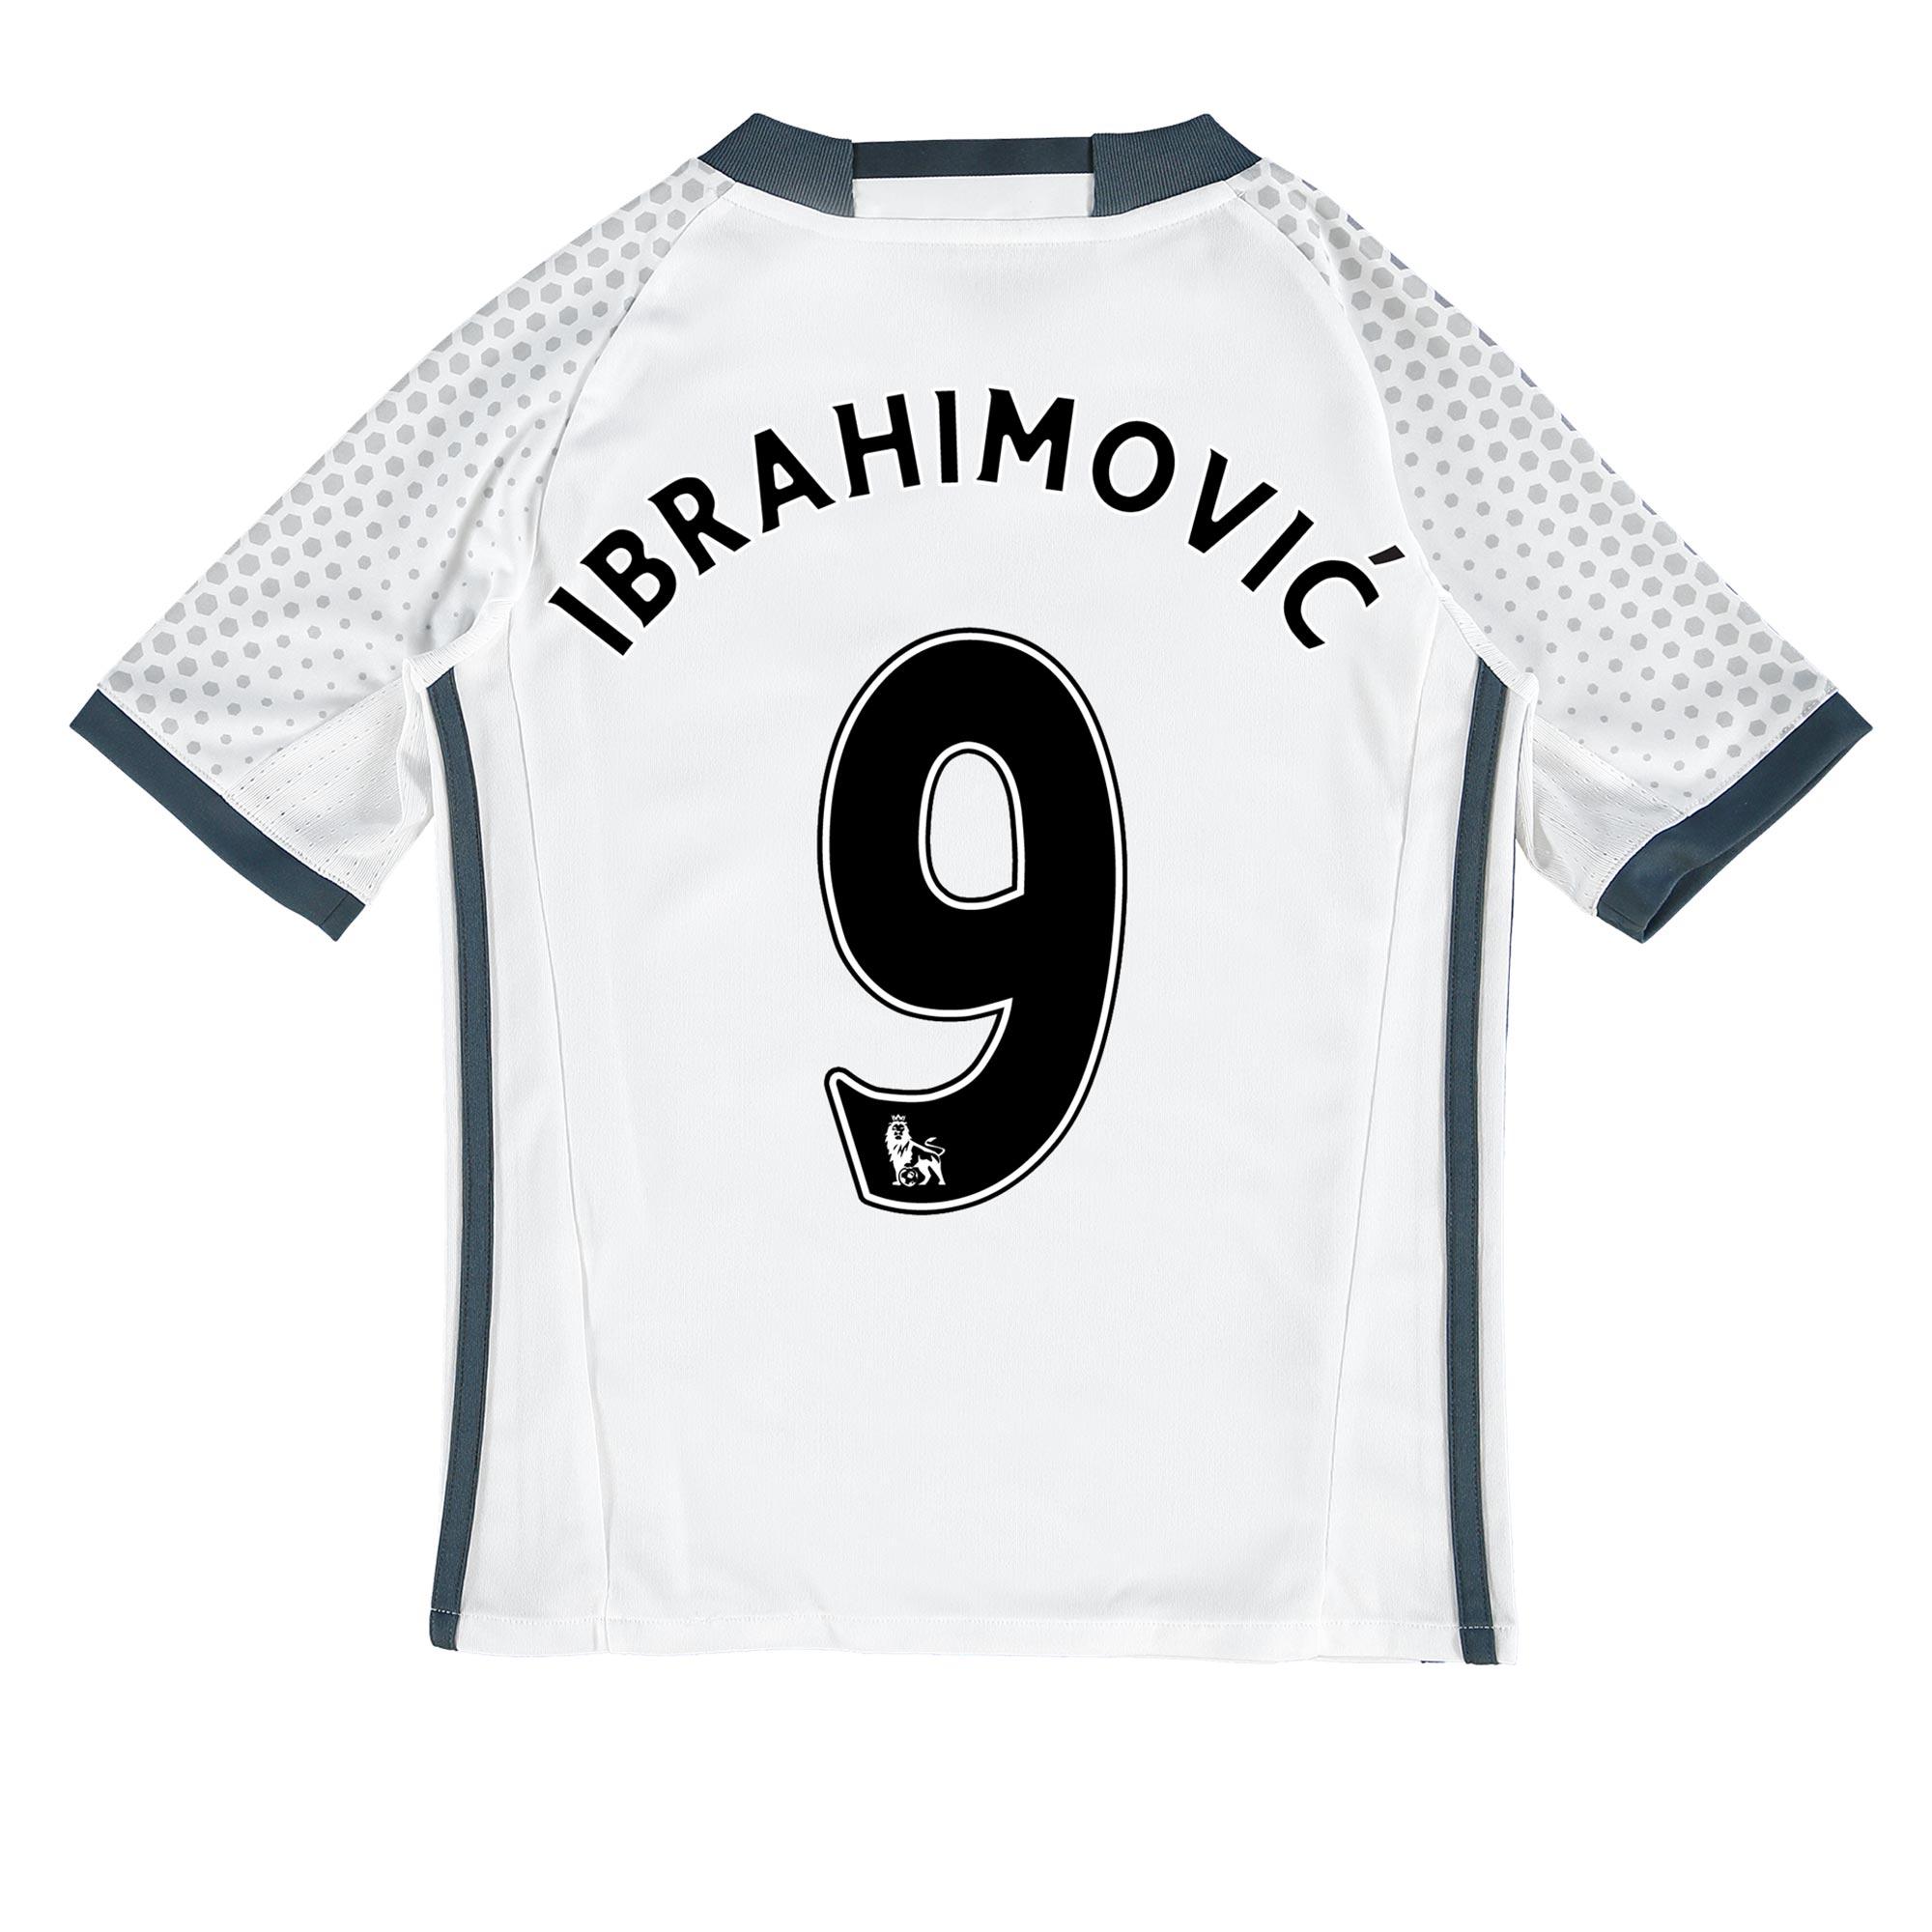 Manchester United Third Shirt 2016-17 - Kids with Ibrahimovic 9 printi